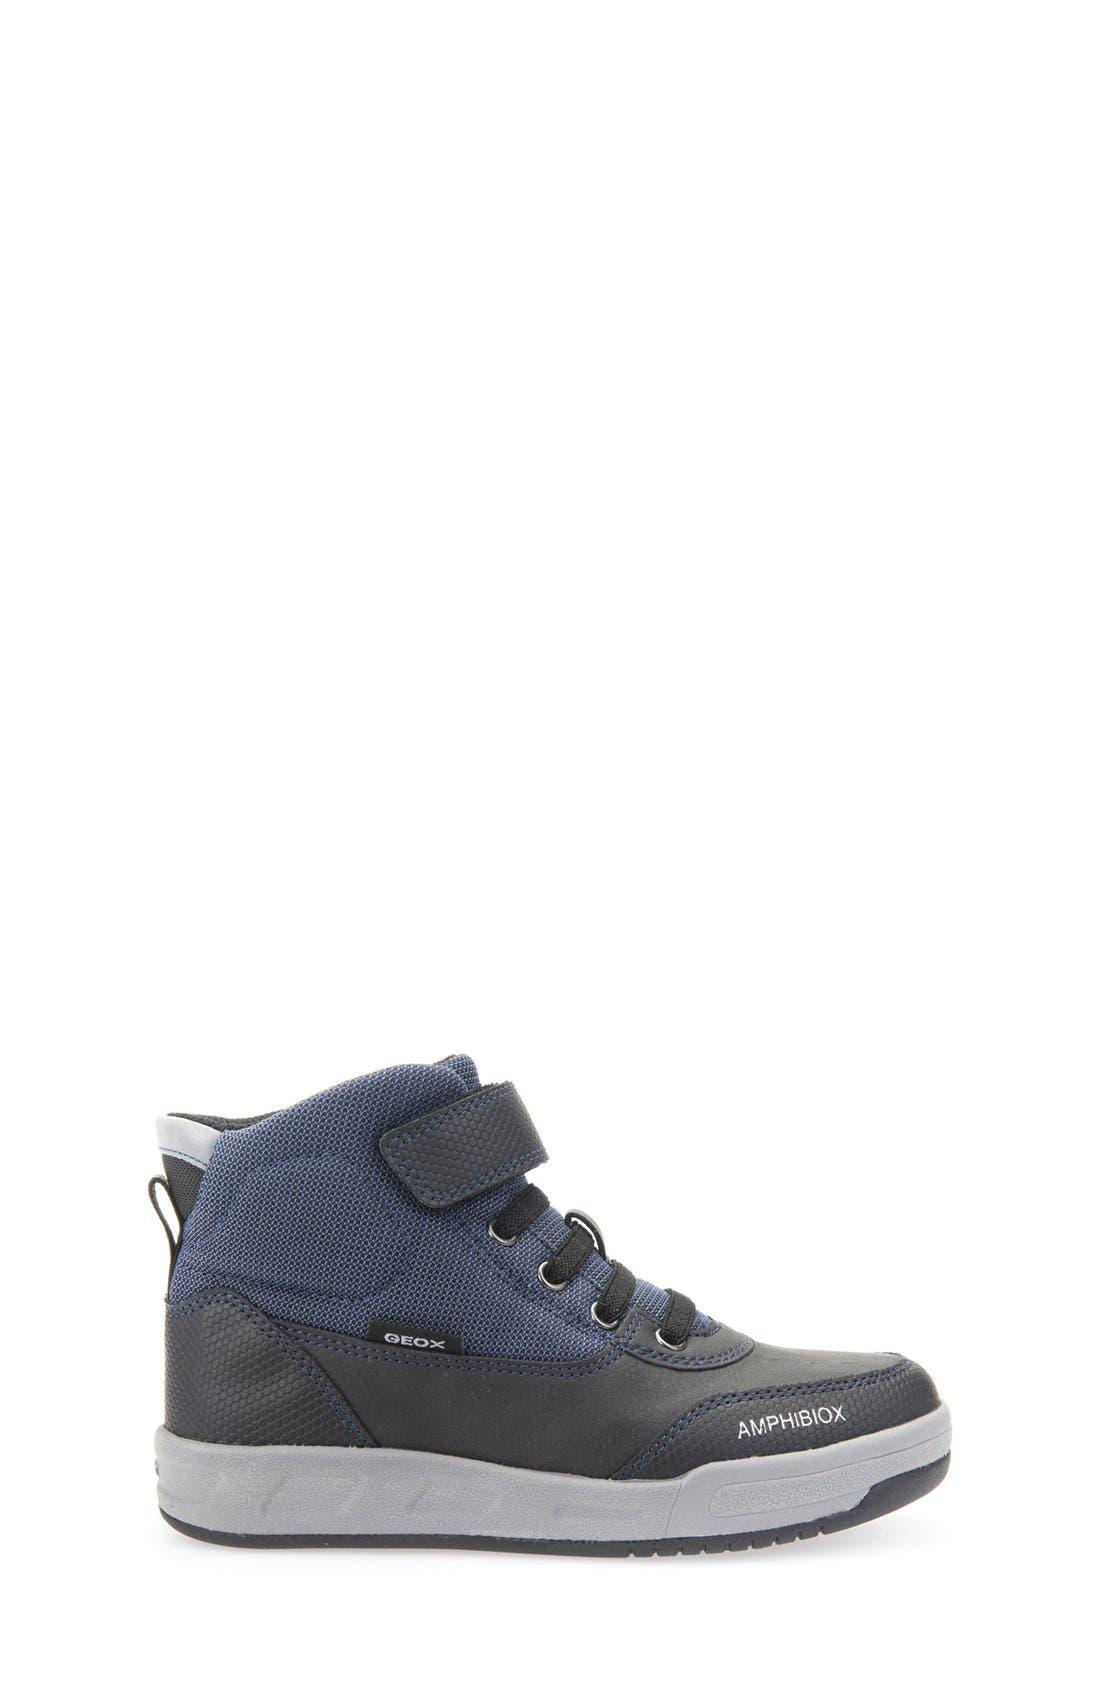 Rolk High Top Sneaker,                             Alternate thumbnail 7, color,                             Navy/ Black